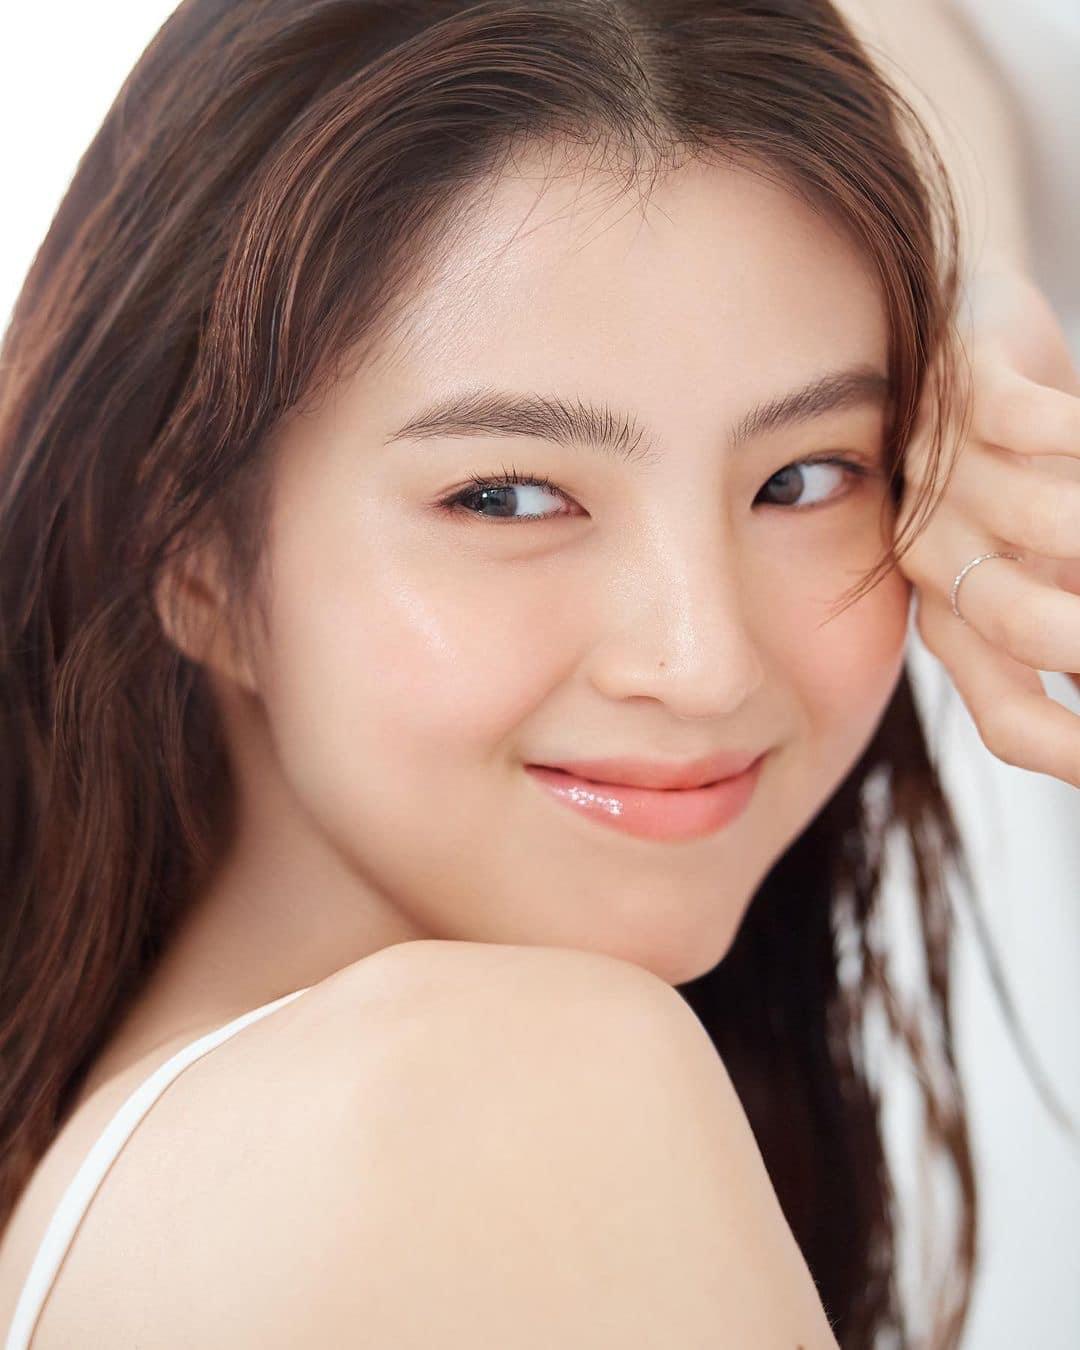 Nữ thần cảnh nóng Han So Hee chứng minh nhan sắc sinh ra để quảng cáo mỹ phẩm - page 2 - 4